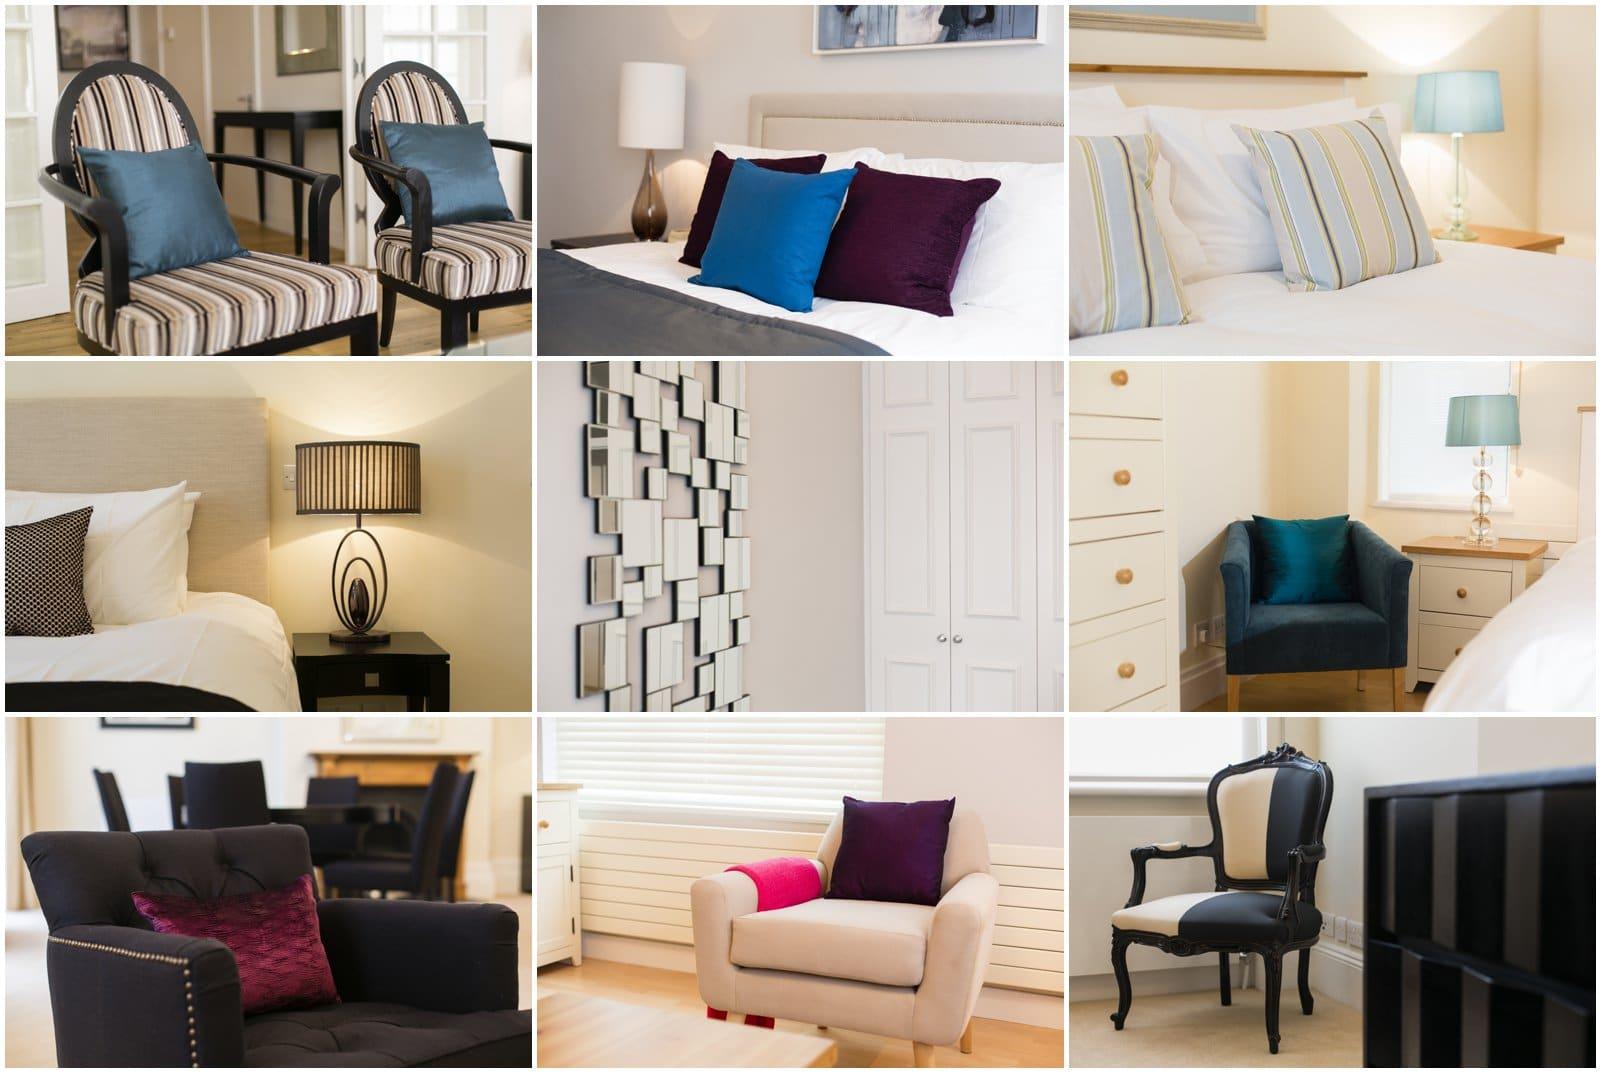 interiors-portfolio-details-01